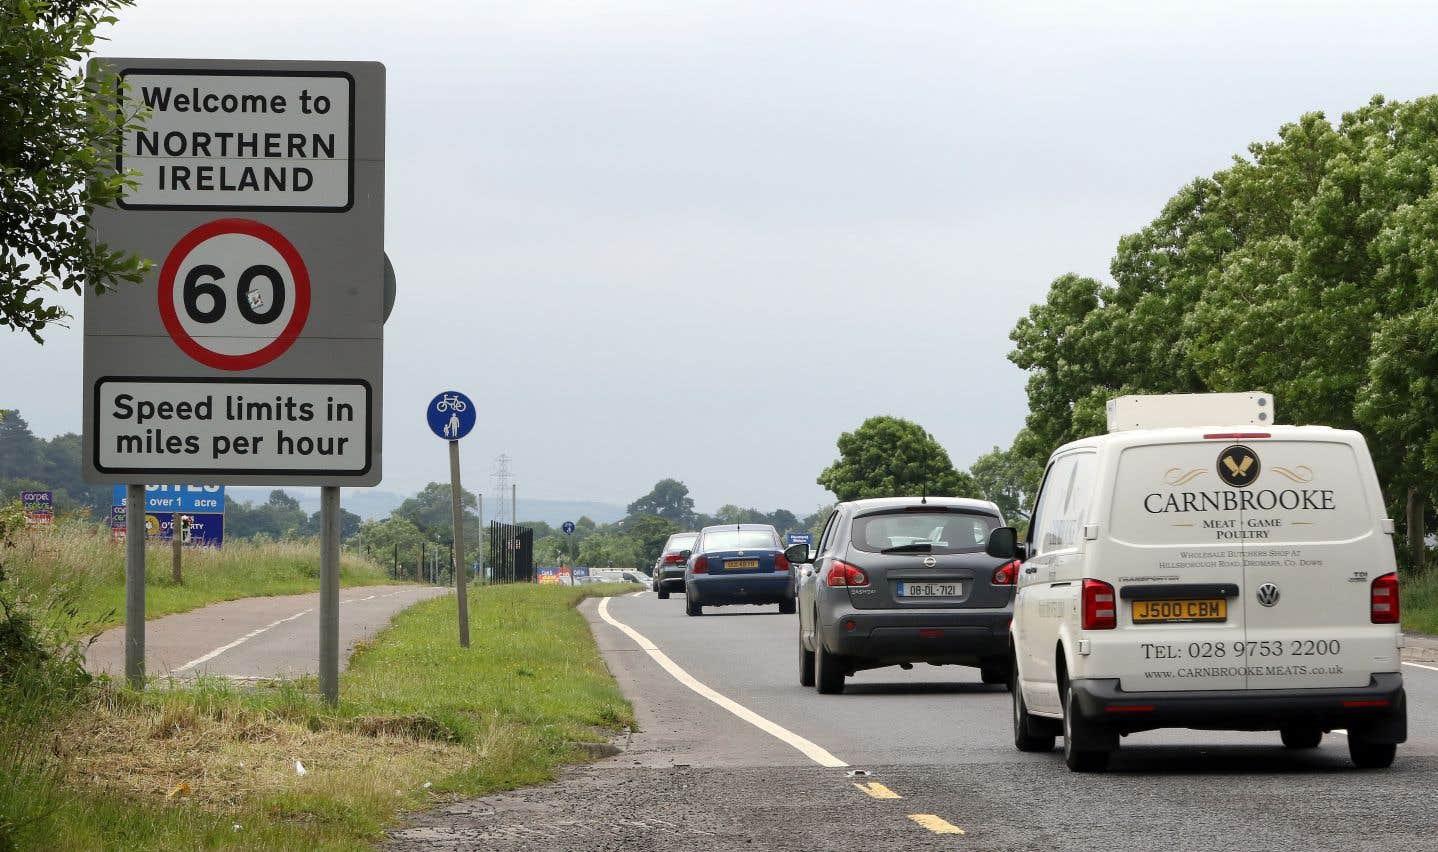 Au nord, les limites de vitesse sont indiquées en milles par heure et au sud, elles le sont en km/h.